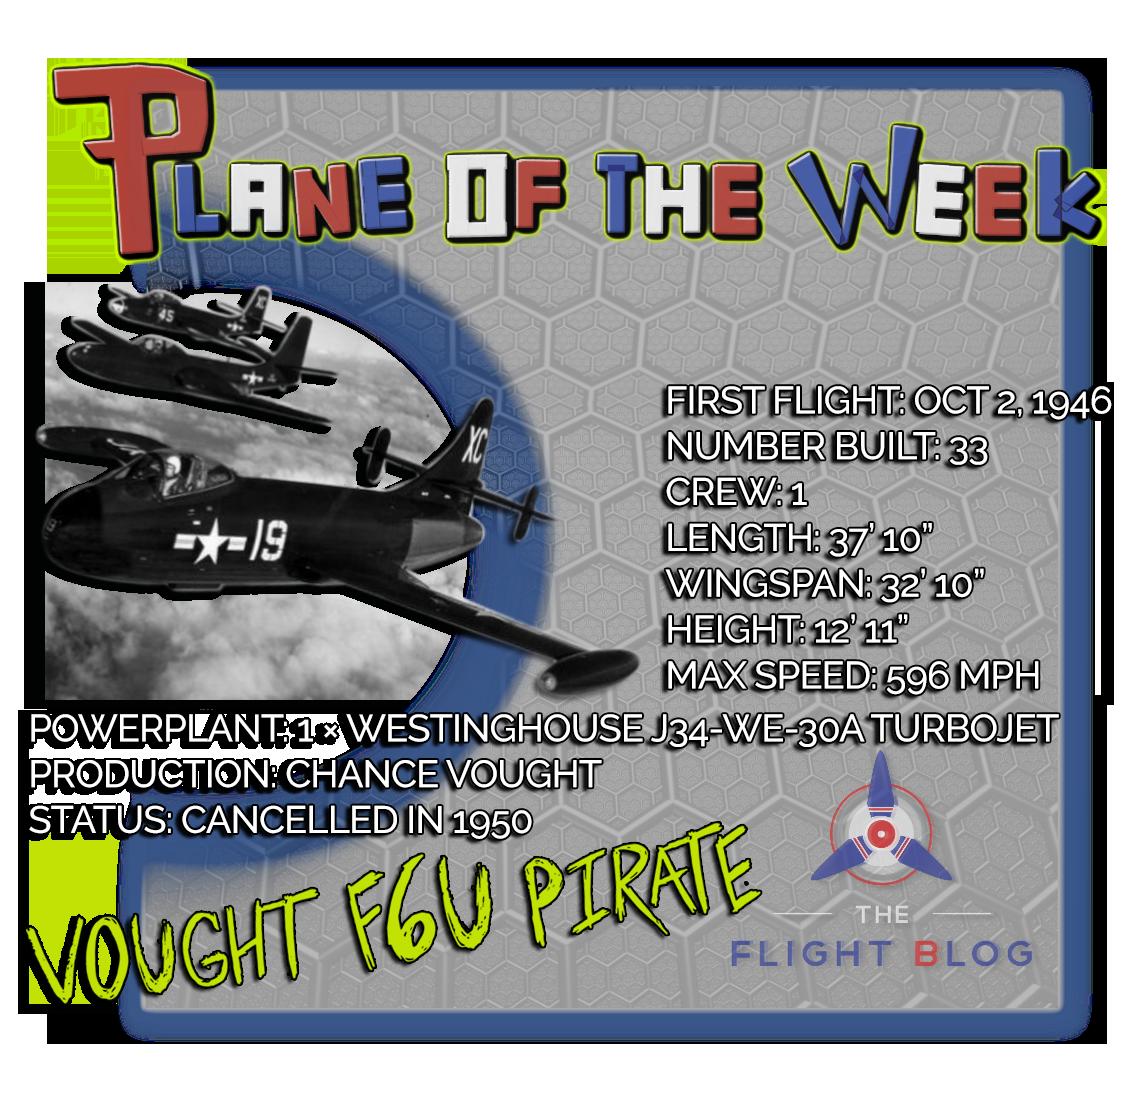 vought f6u, plane of the week, F6U pirate